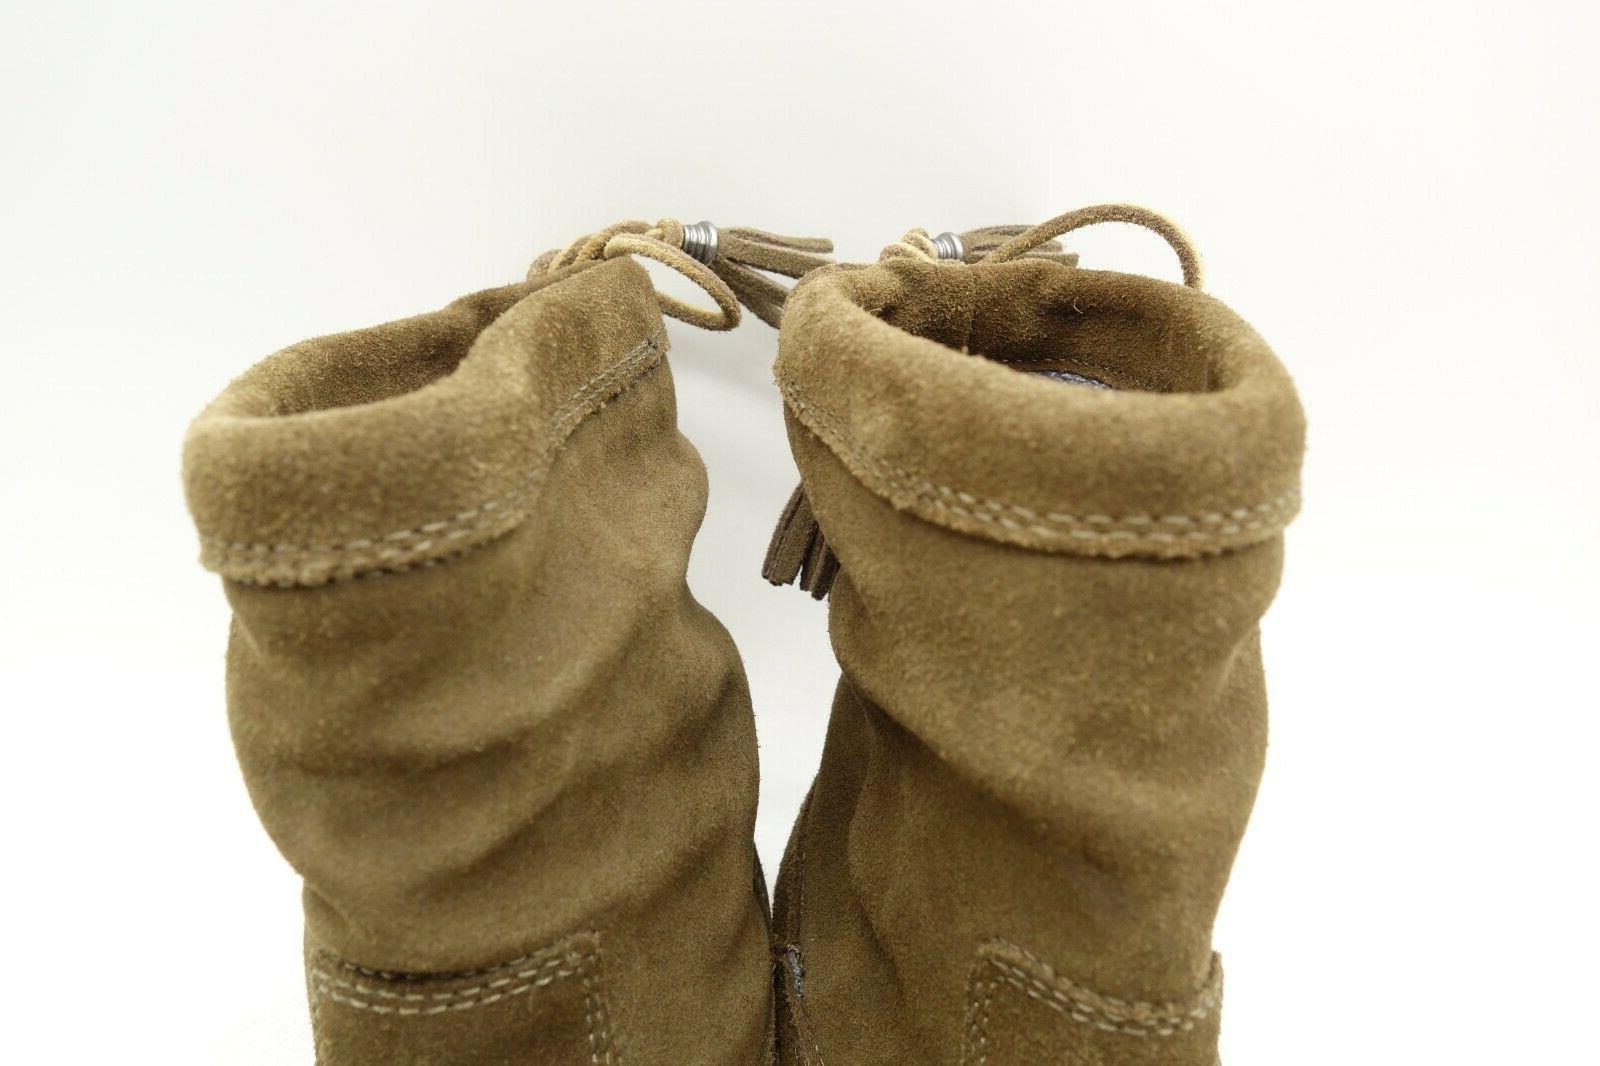 Olukai Kapa Tassel Leather On Boots Shoes Women's